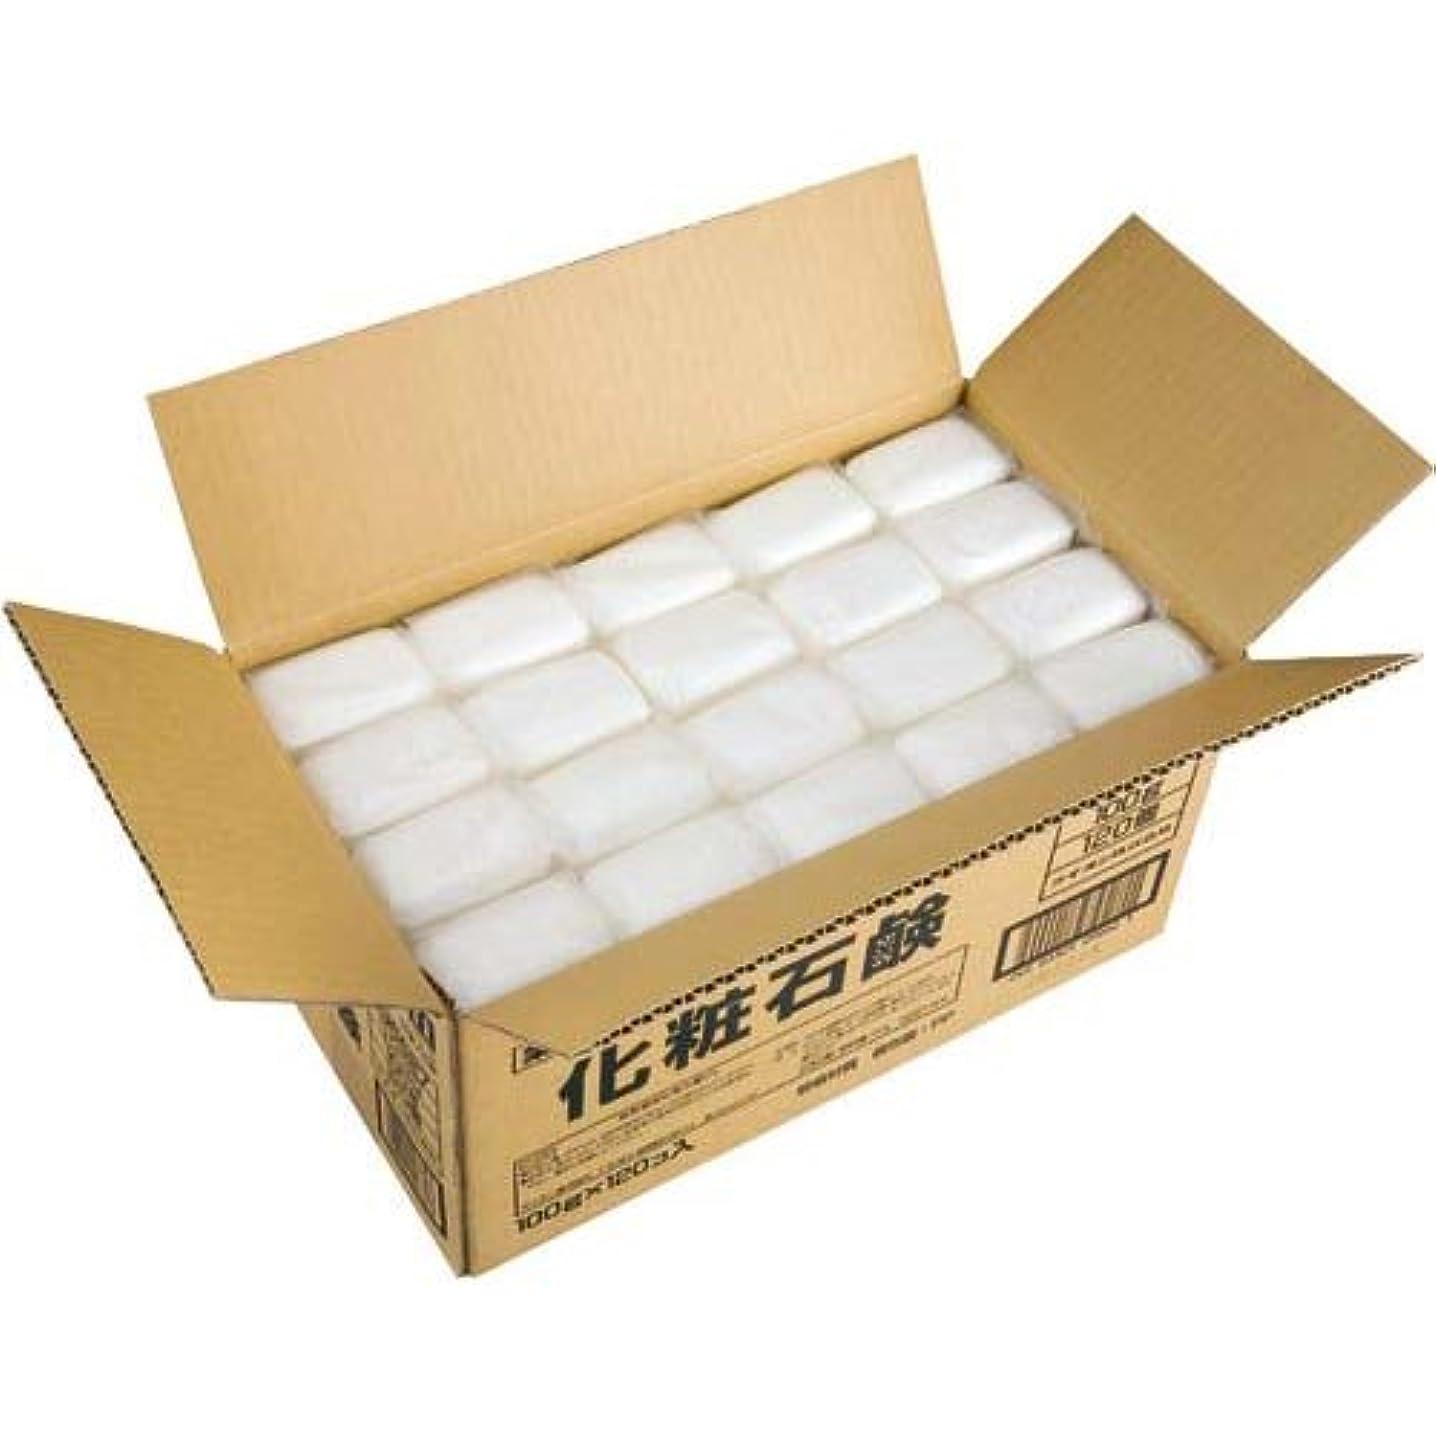 悪性文庫本罰ライオン 植物物語 化粧石鹸 (100g×120入)